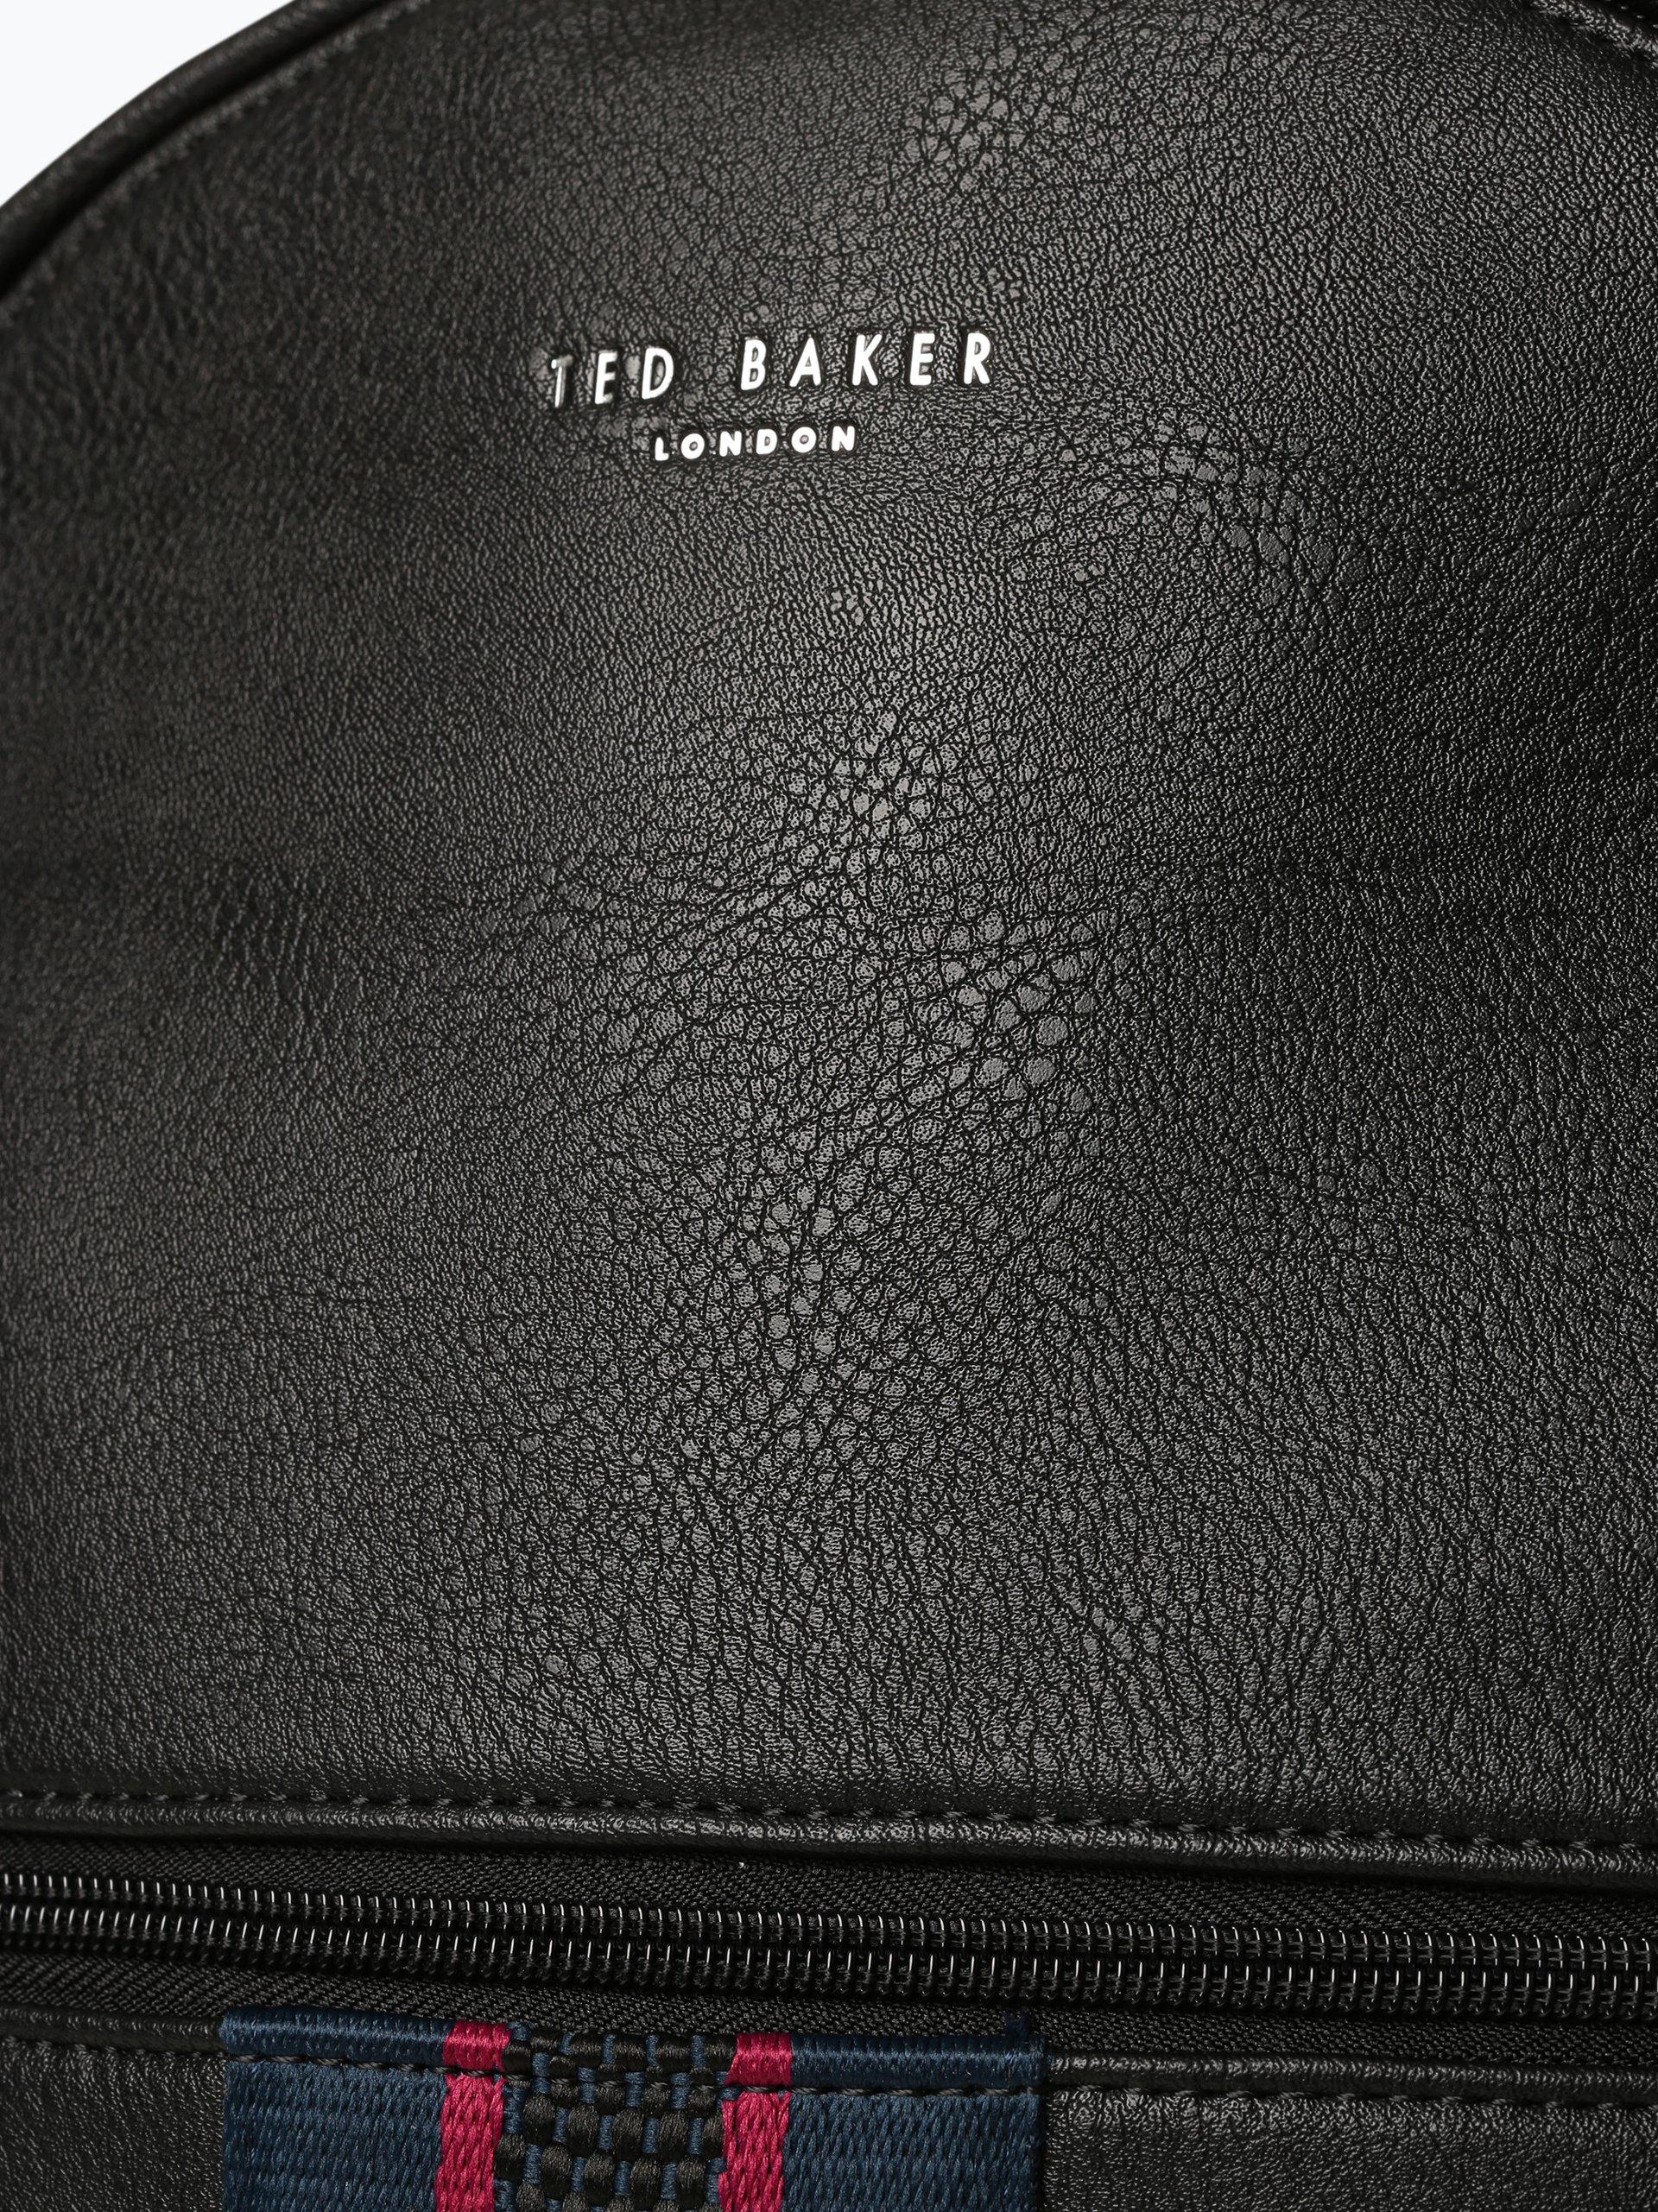 Ted Baker Herren Rucksack